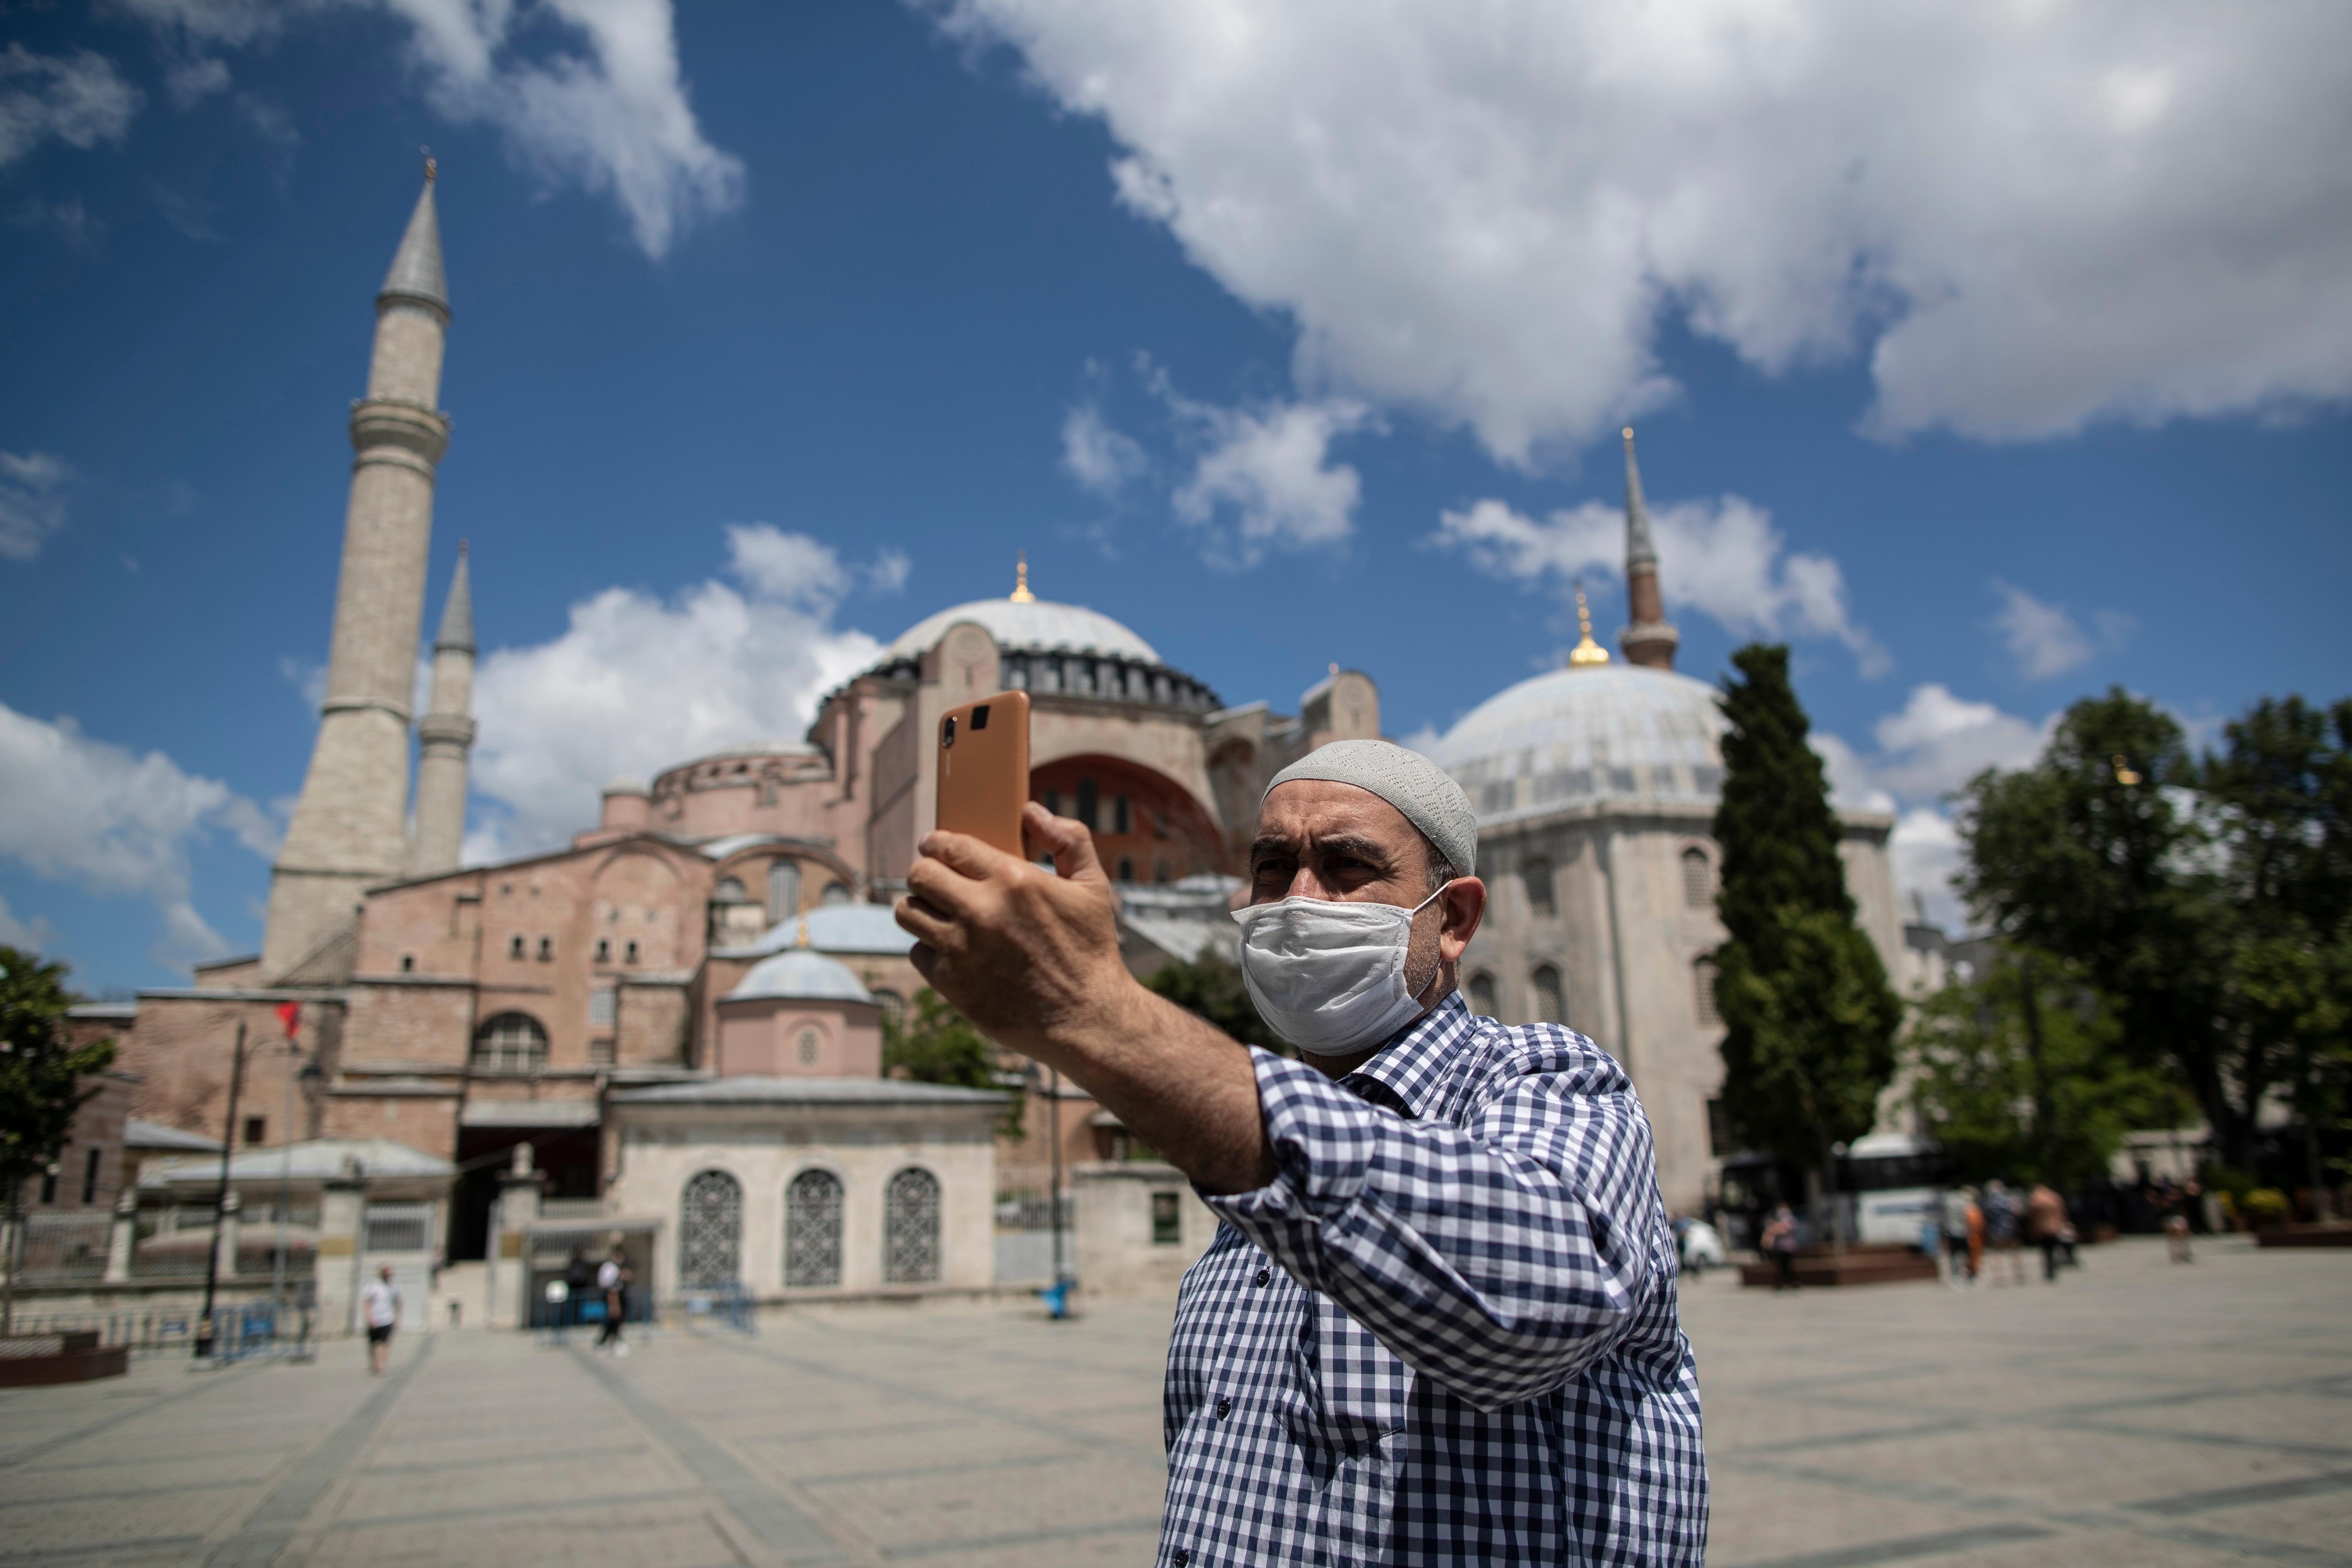 Милонов призвал россиян отказаться от посещения храма Святой Софии в Стамбуле: Ни шага в Турцию!